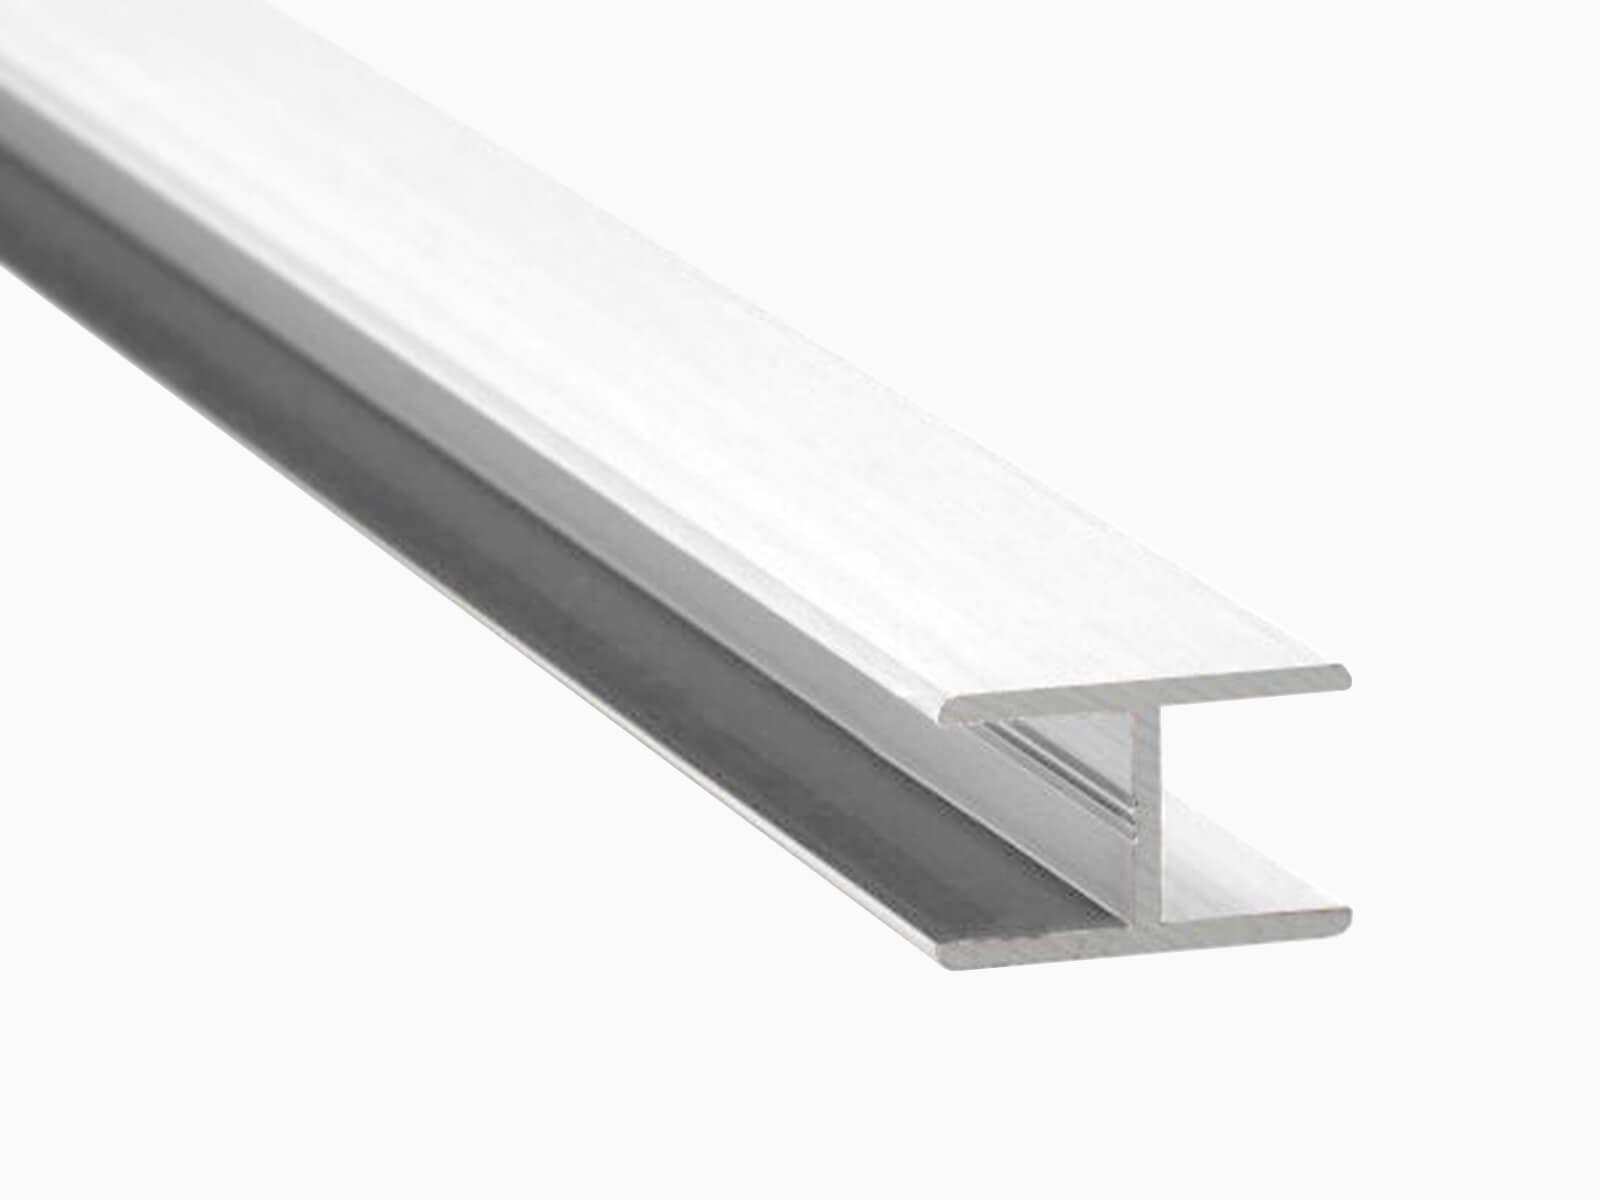 H-Profil für Glaszäune Schutz vor Delemanierung und Stoss weiss